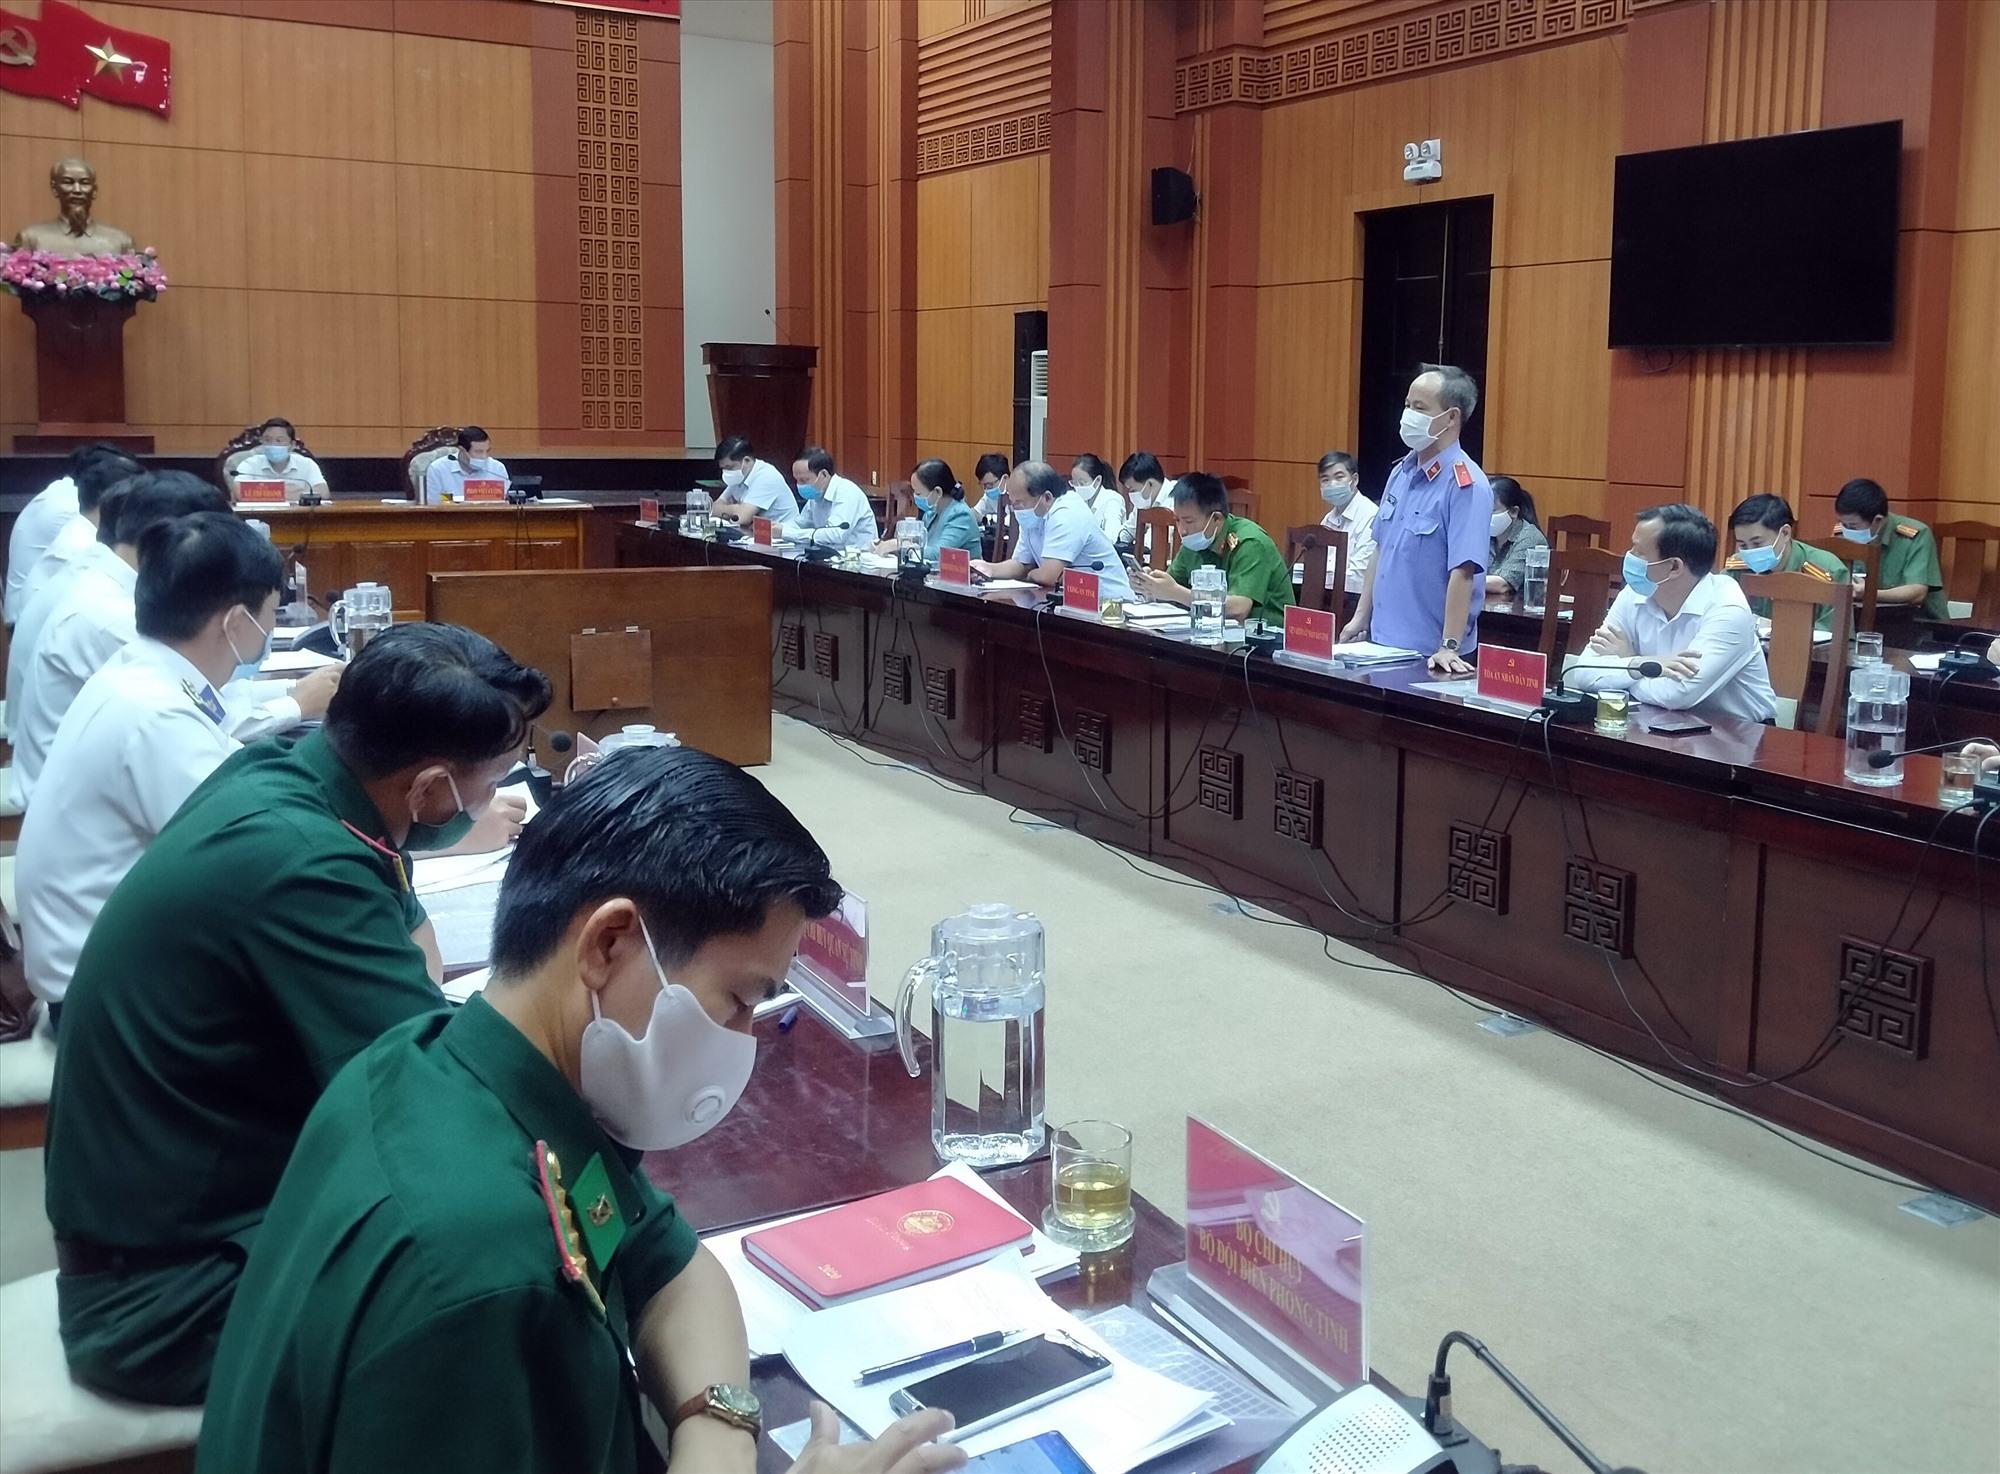 Chấn chỉnh hoạt động công chứng trên địa bàn tỉnh là nội dung được các cơ quan tư pháp tư nêu ra tại hội nghị giao ban công tác nội chính 6 tháng đầu năm 2021 của Thường trực Tỉnh ủy. Ảnh: NGUYÊN ĐOAN